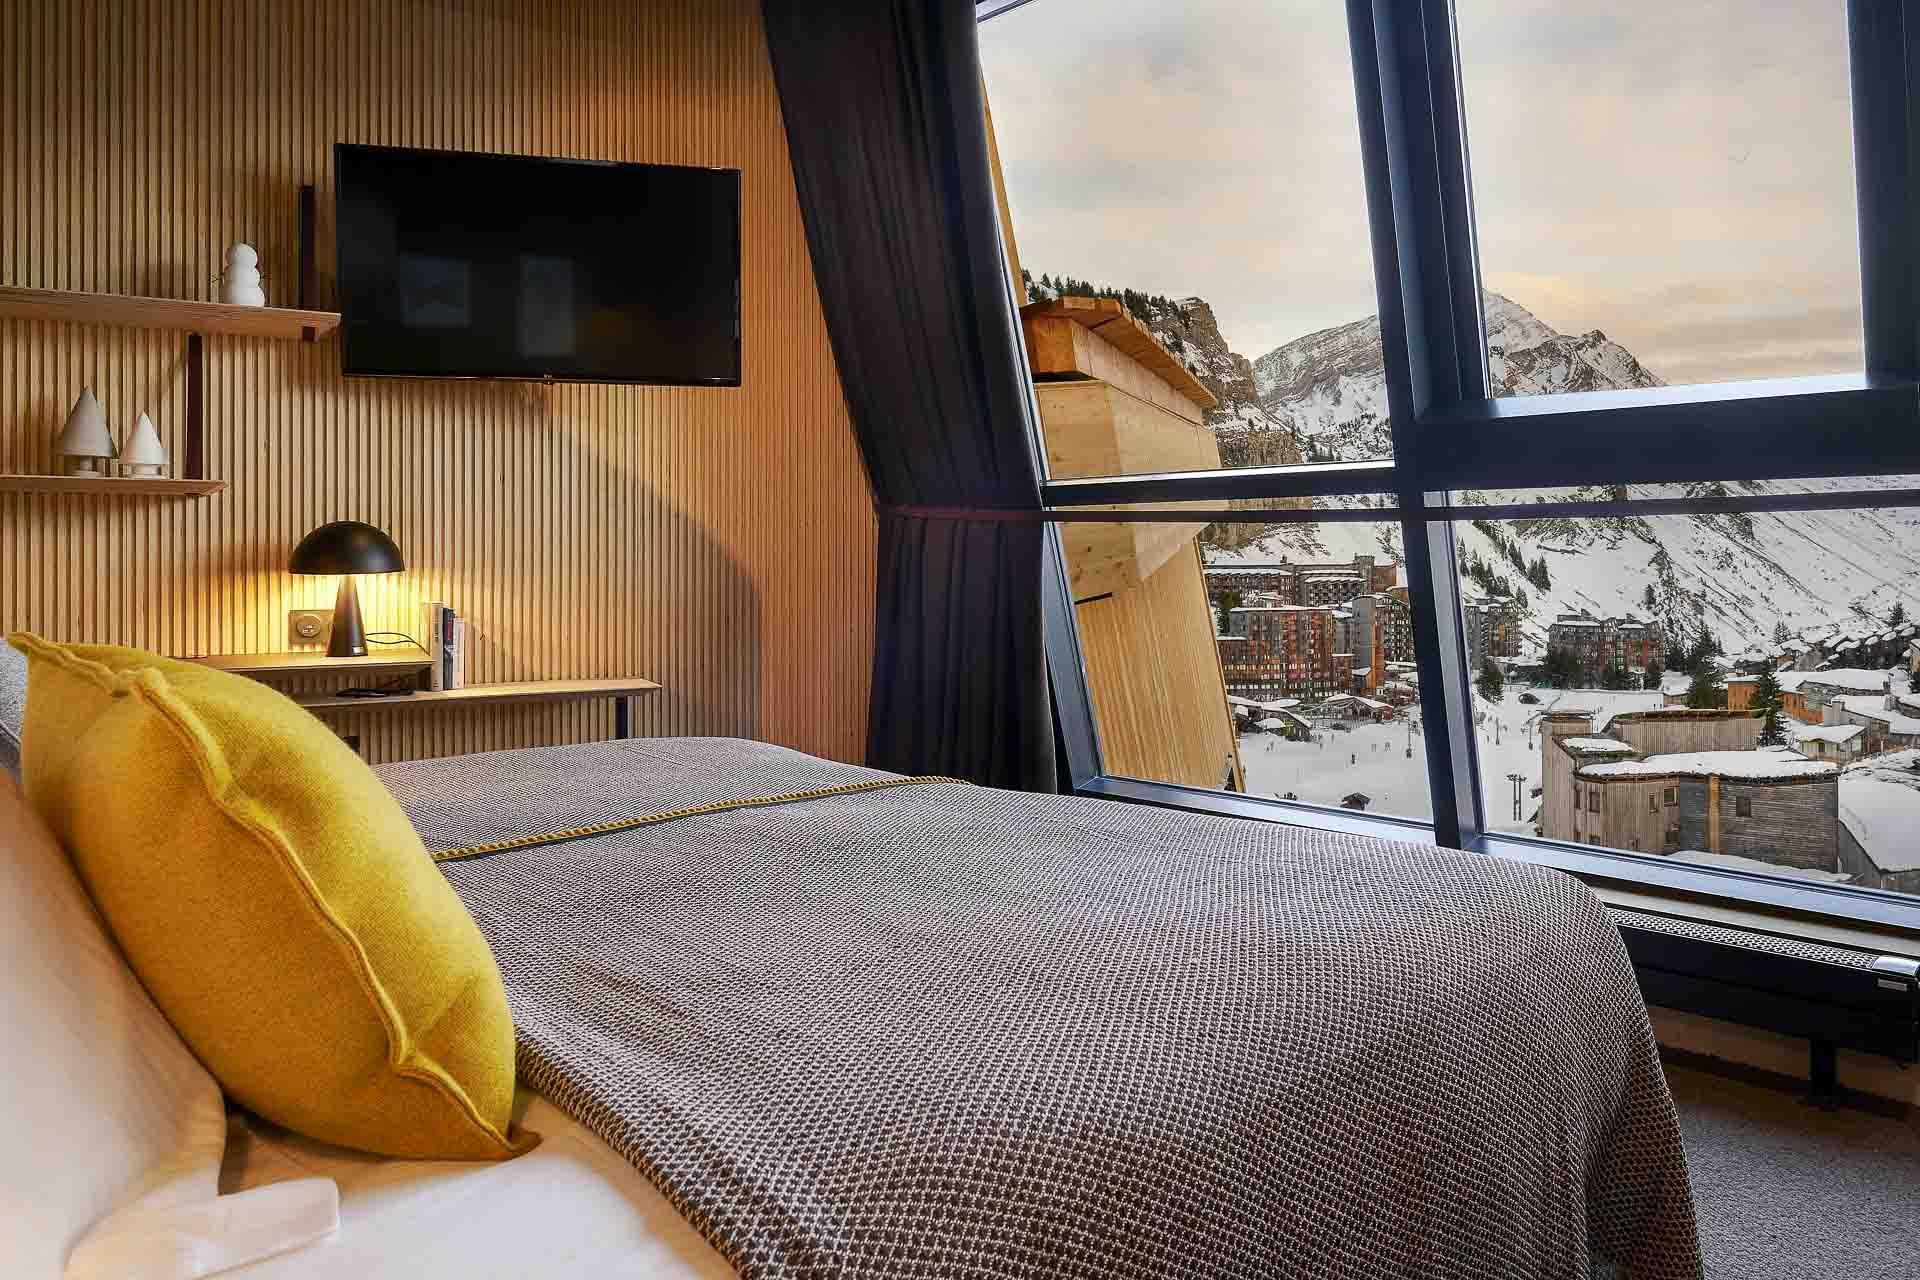 Au cœur du domaine « Les Portes du Soleil », la station d'Avoriaz ne cesse de se réinventer. Entre grand ski, restaurants branchés et ouvertures d'hôtels, retrouvez les meilleures adresses de la station de Haute-Savoie.